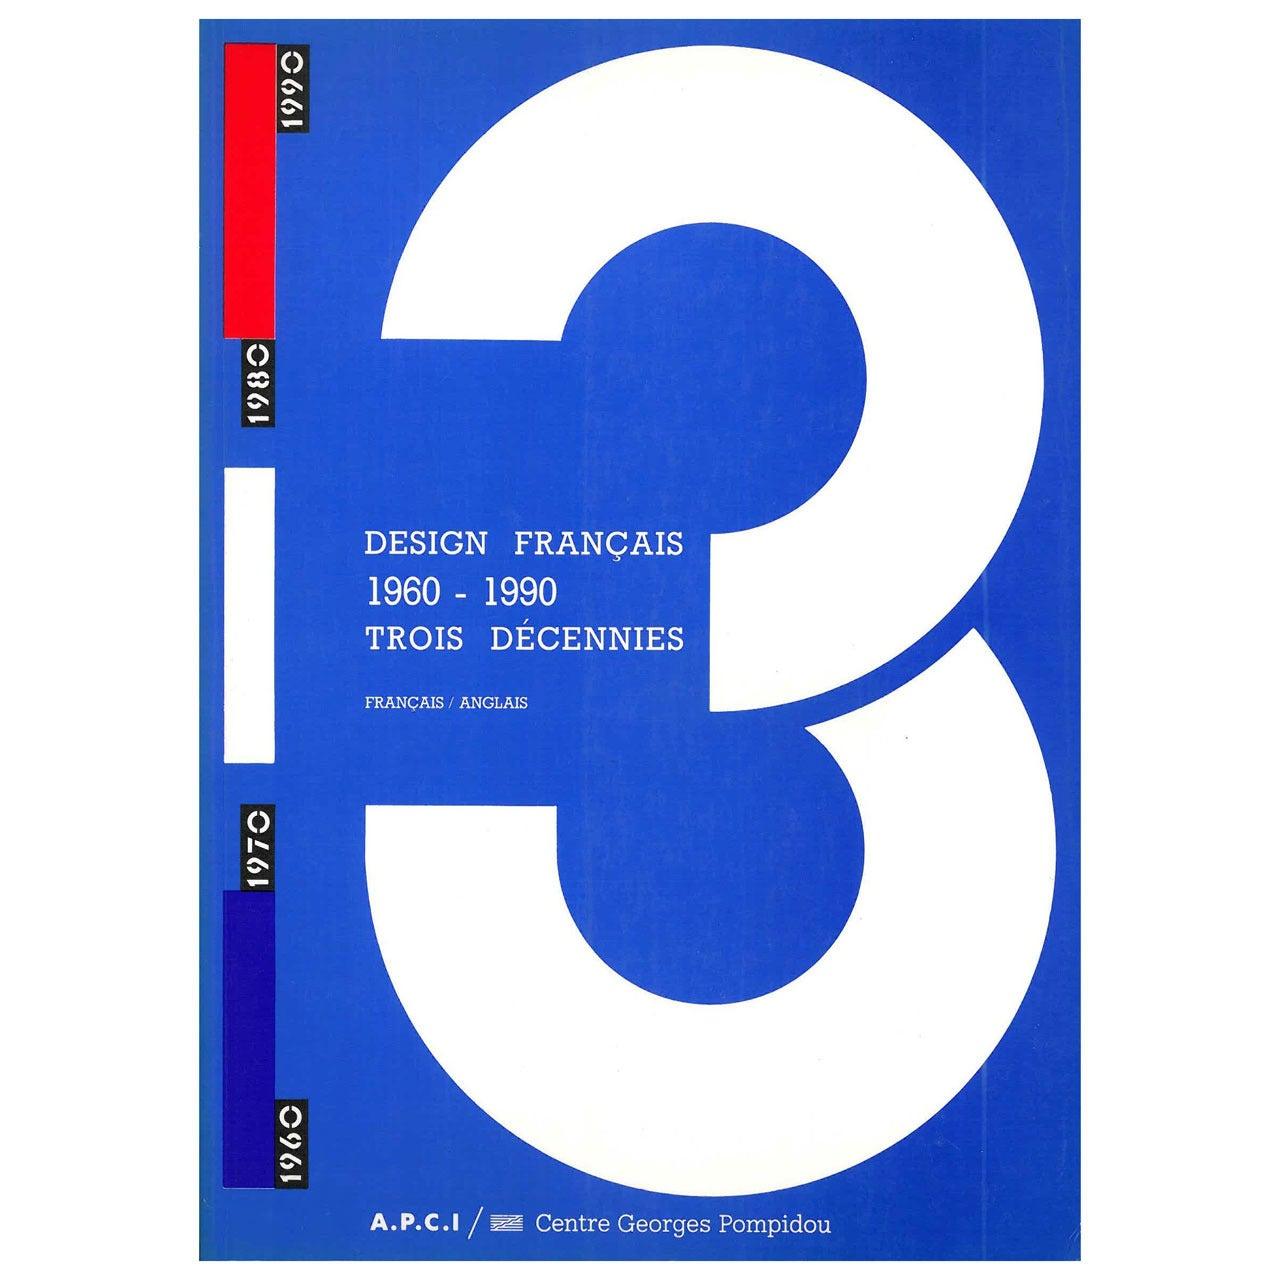 Design Francais 1960 - 1990, Trois Decennies